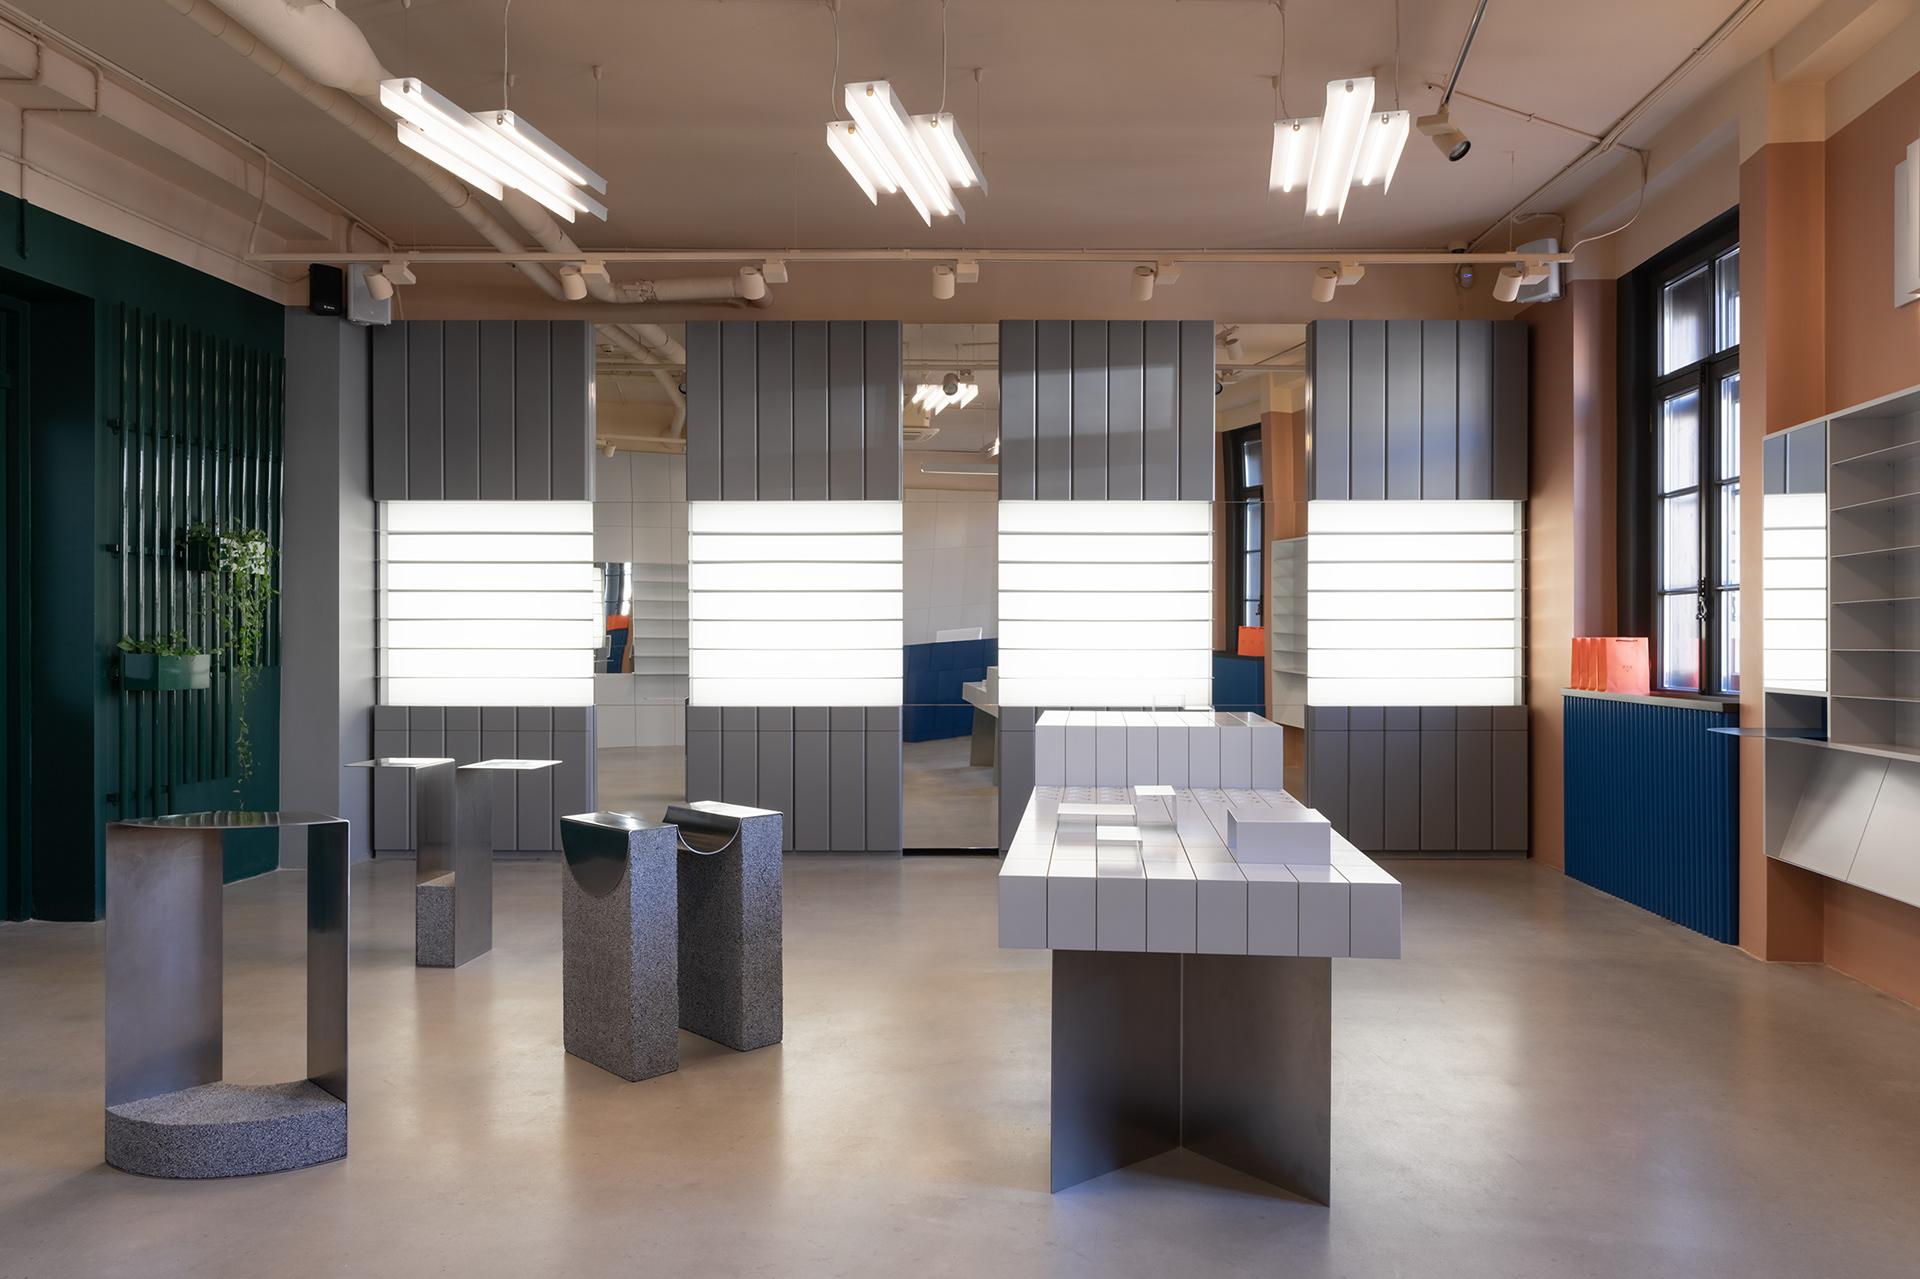 Retail : P.Y.E Store New Holland par le studio Facultative Works